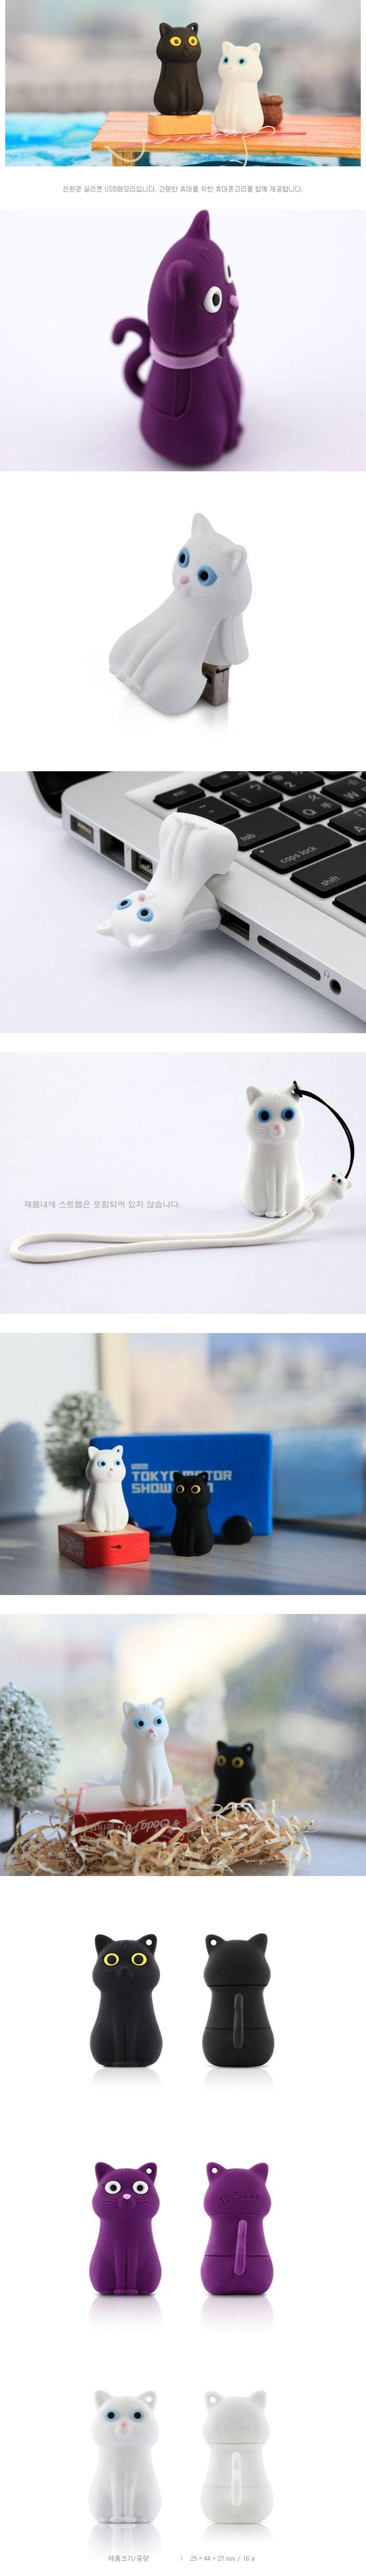 본컬렉션 캐릭터 USB메모리 고양이 16GB (퍼플) - 본컬렉션A, 13,940원, 캐릭터형 USB 메모리, USB 16G